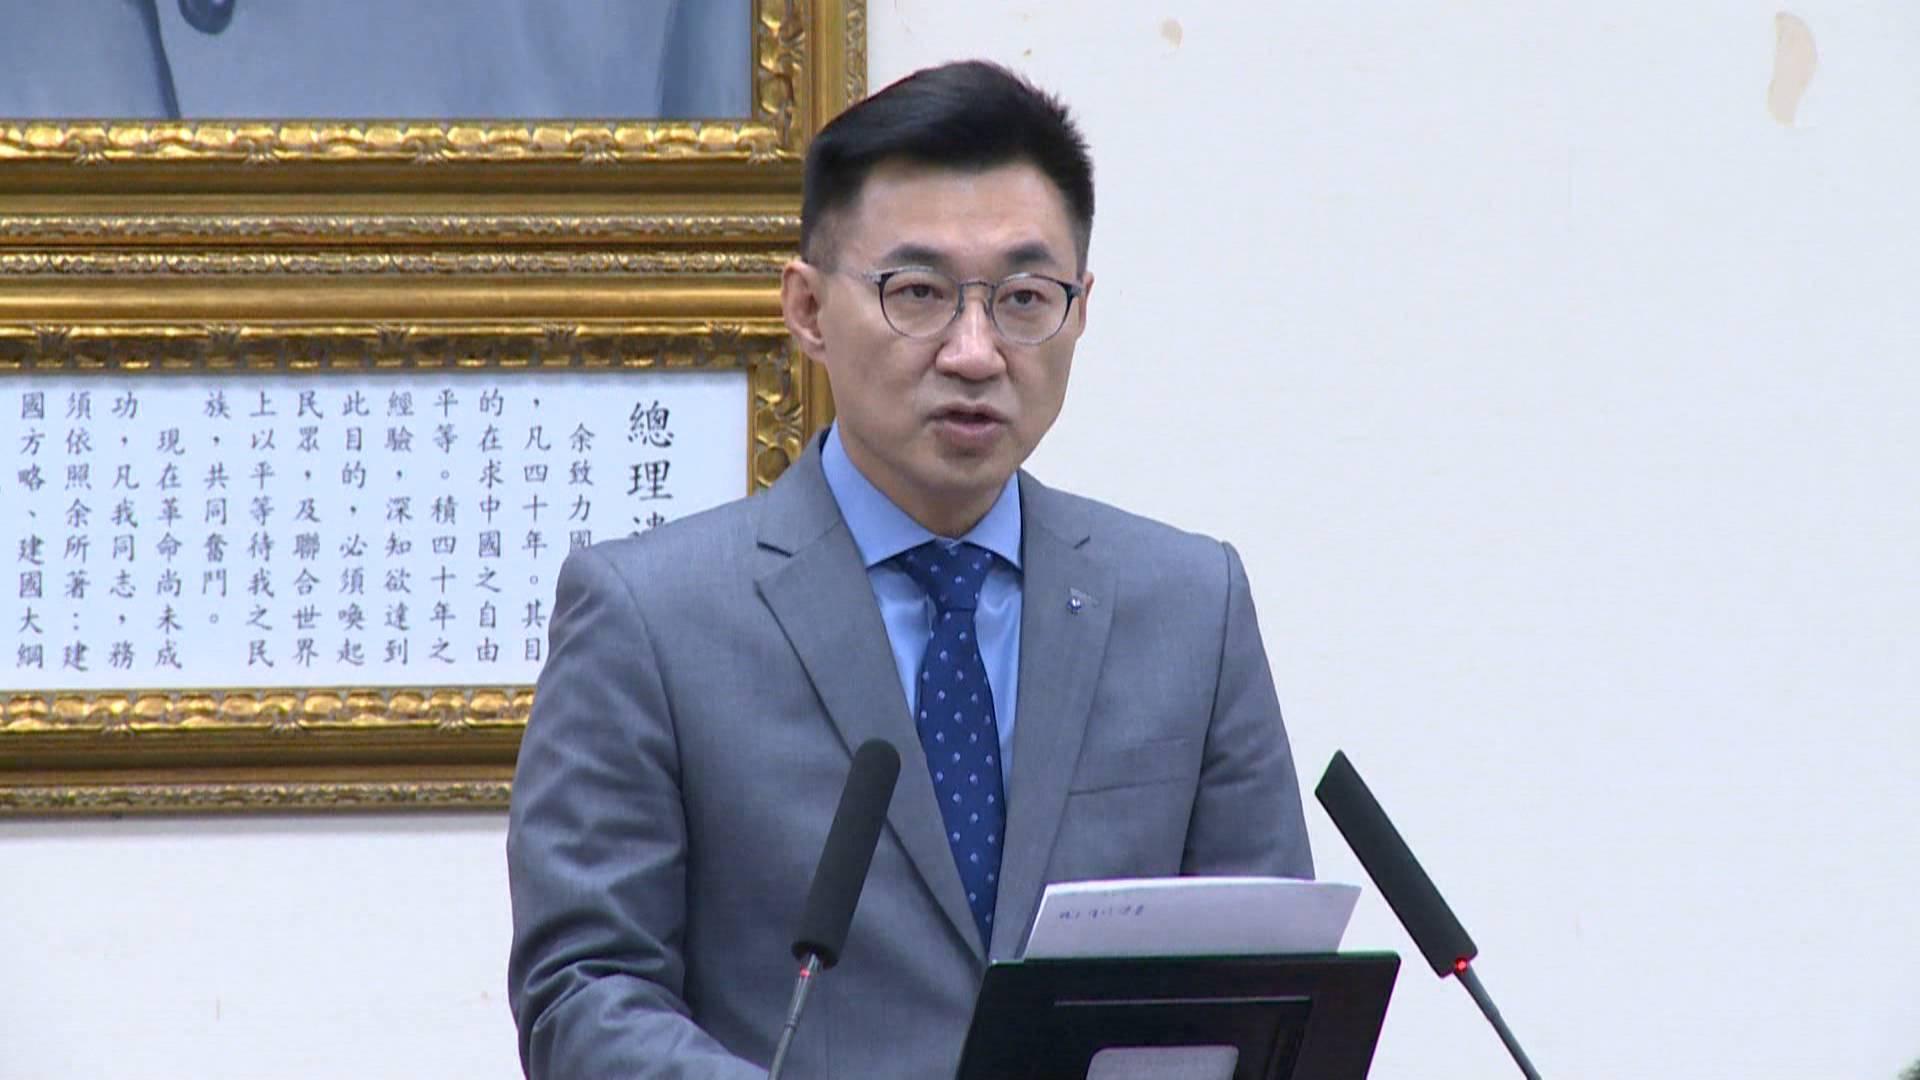 民進黨高官稱疫情破口在萬華,江啟臣痛批綠營知錯不改還卸責人民